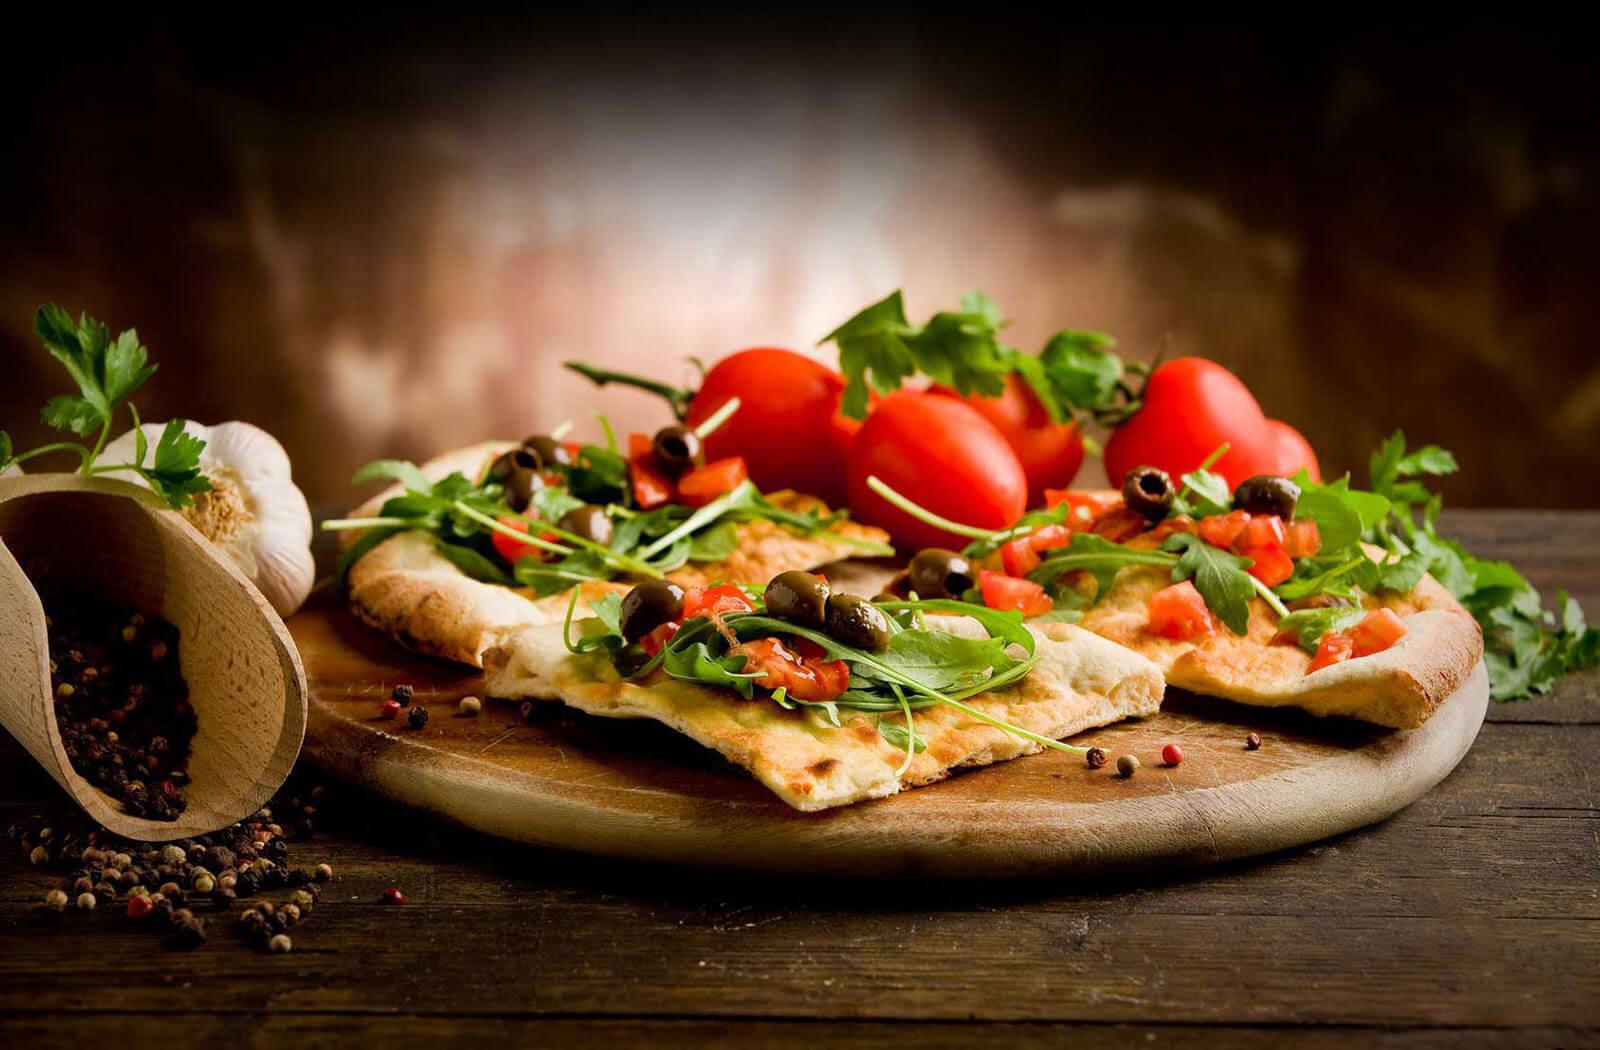 Cà chua cũng là thành phần không thể thiếu để làm nên một chiếc pizza ngon lành. Ảnh: Pizza Pomodoro